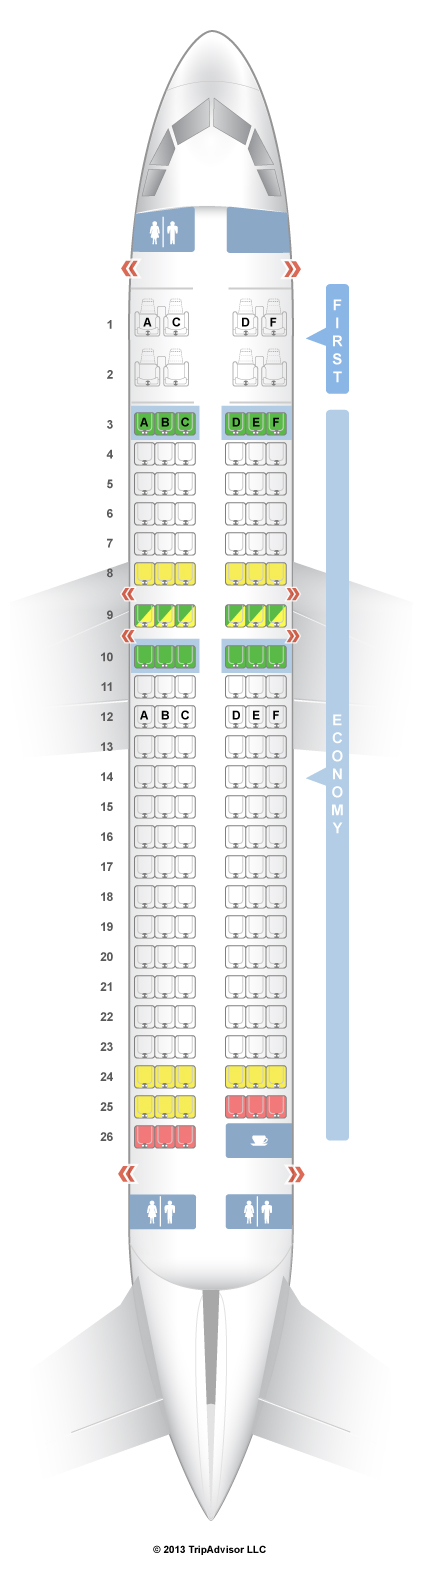 virgin atlantic airbus seating chart